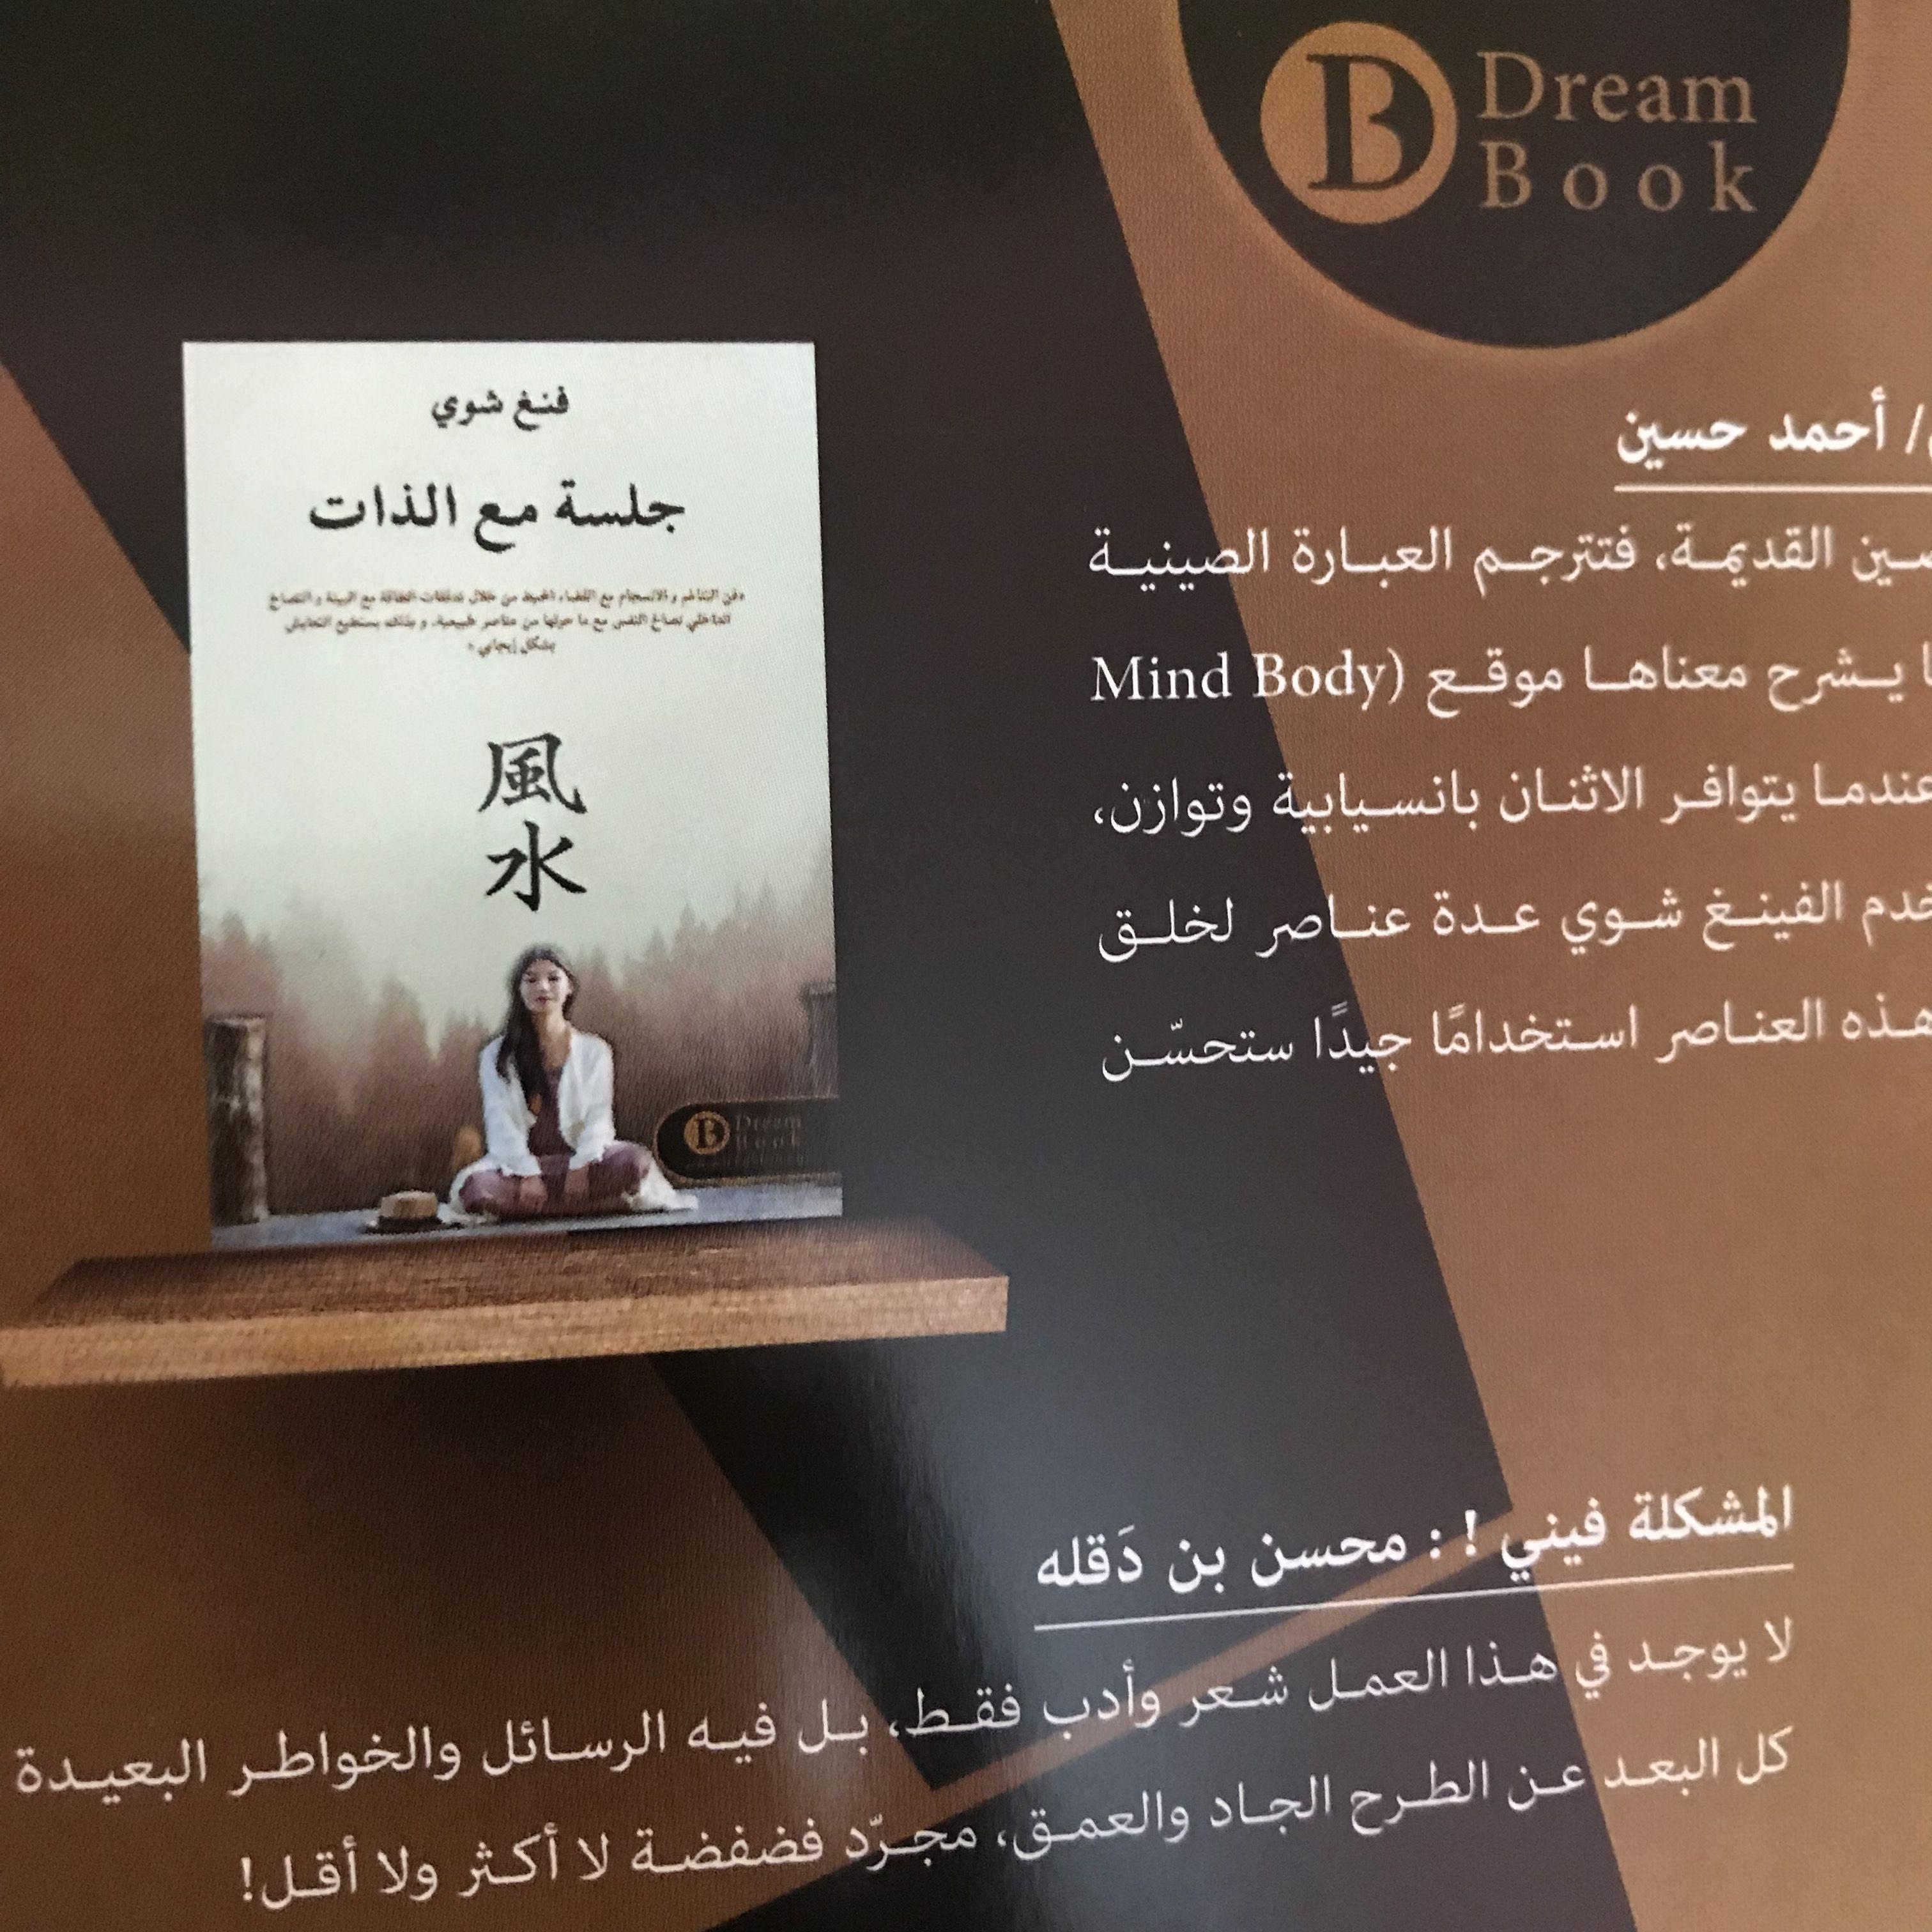 Pin By Lola Al Mulla On Reading Dream Book Books Book Cover